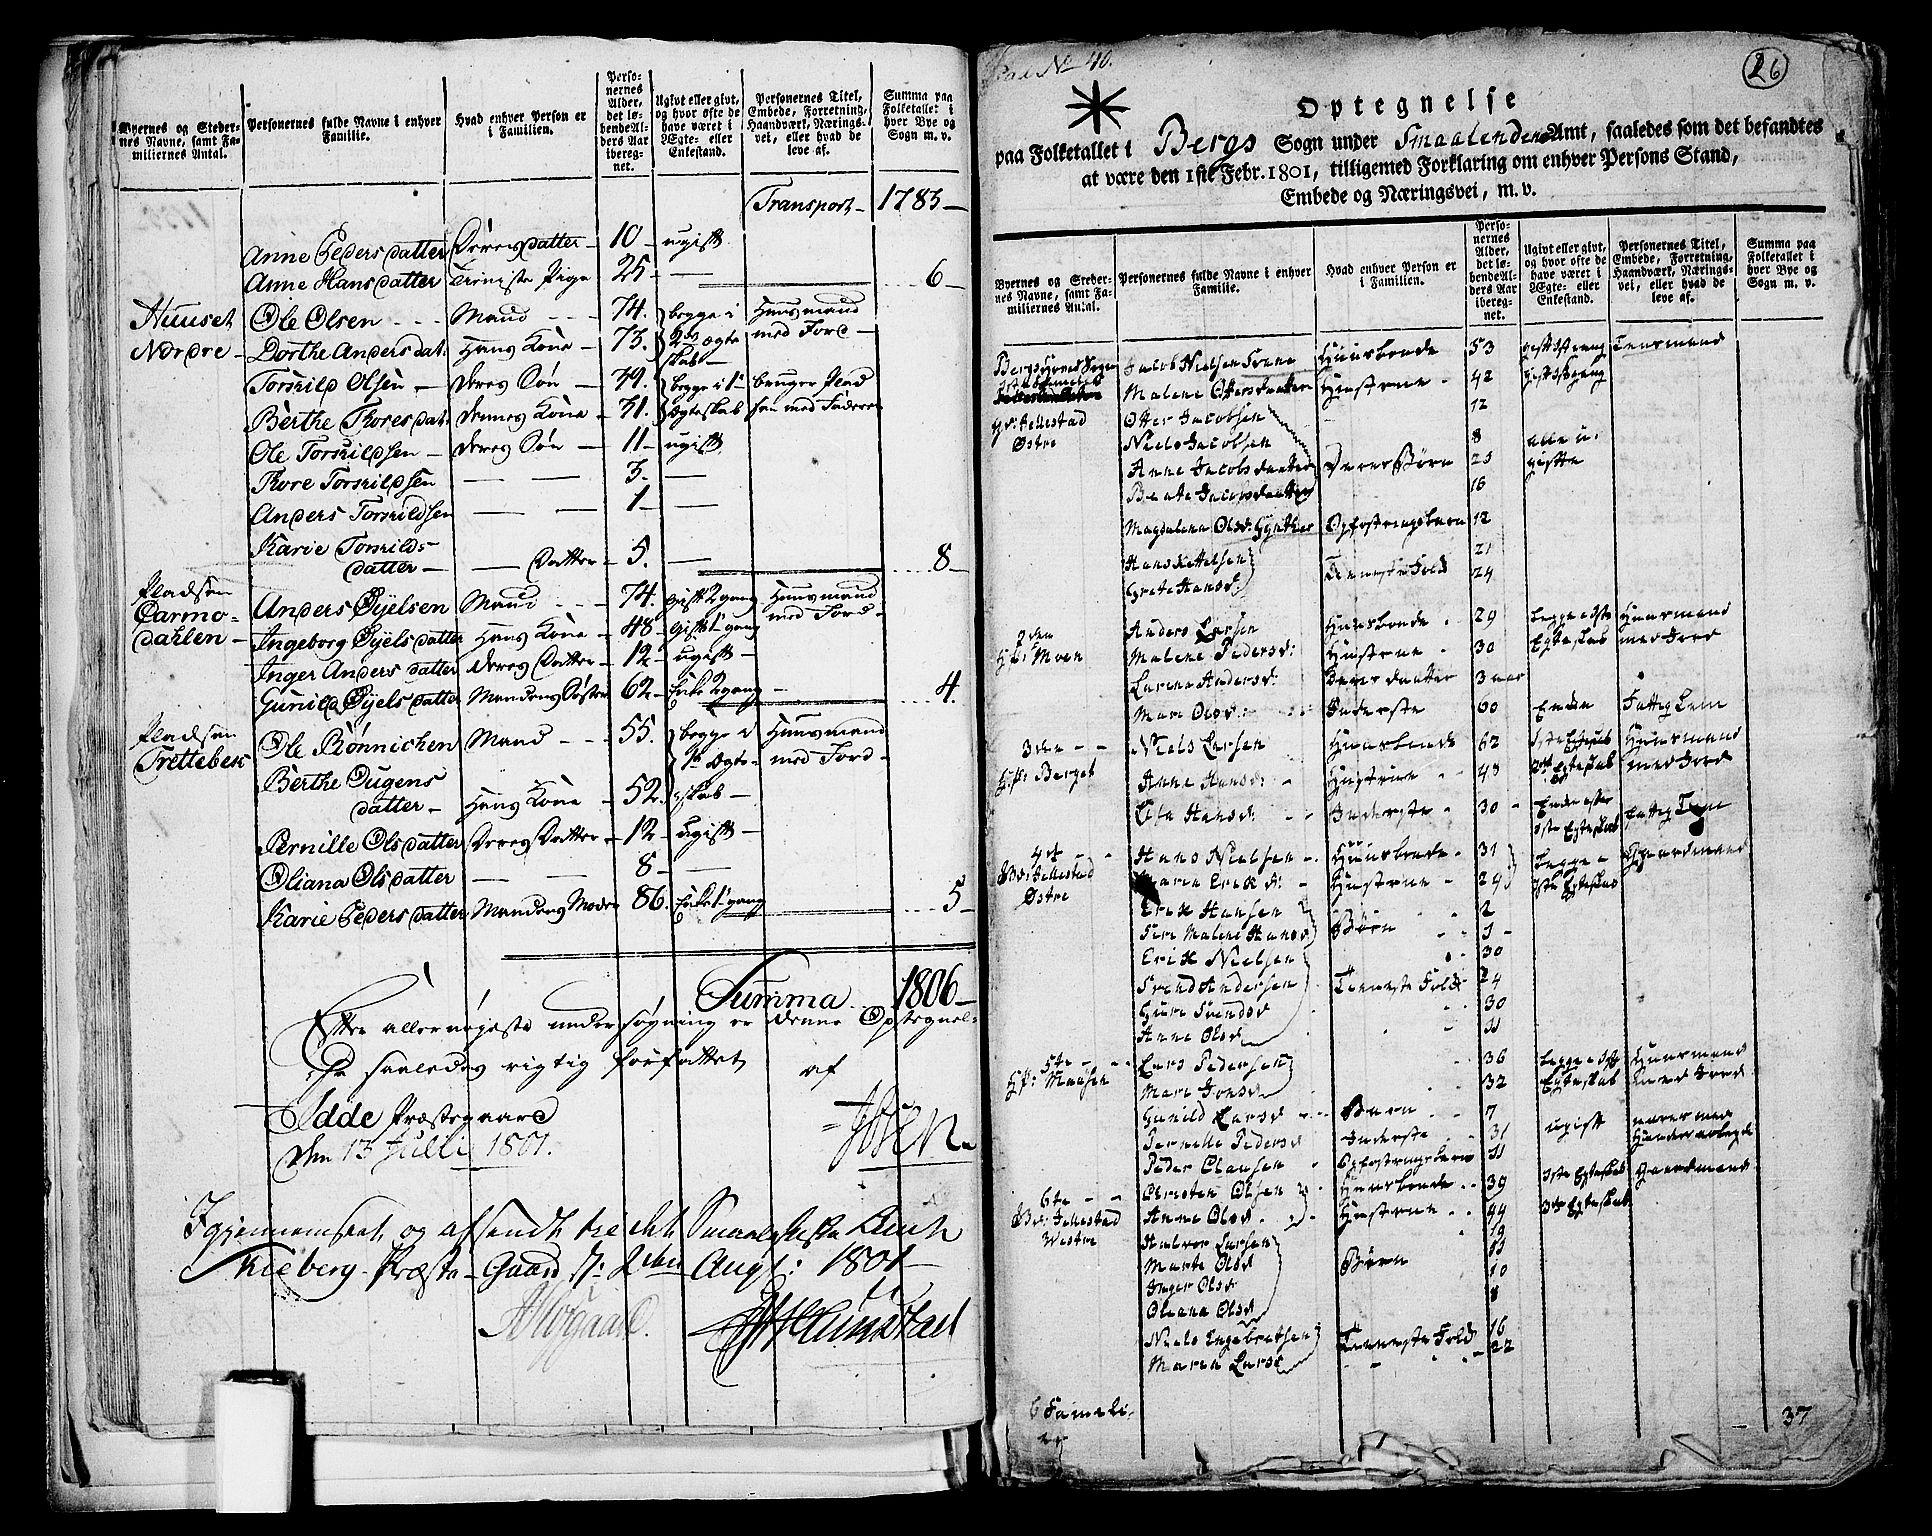 RA, Folketelling 1801 for 0116P Berg prestegjeld, 1801, s. 25b-26a